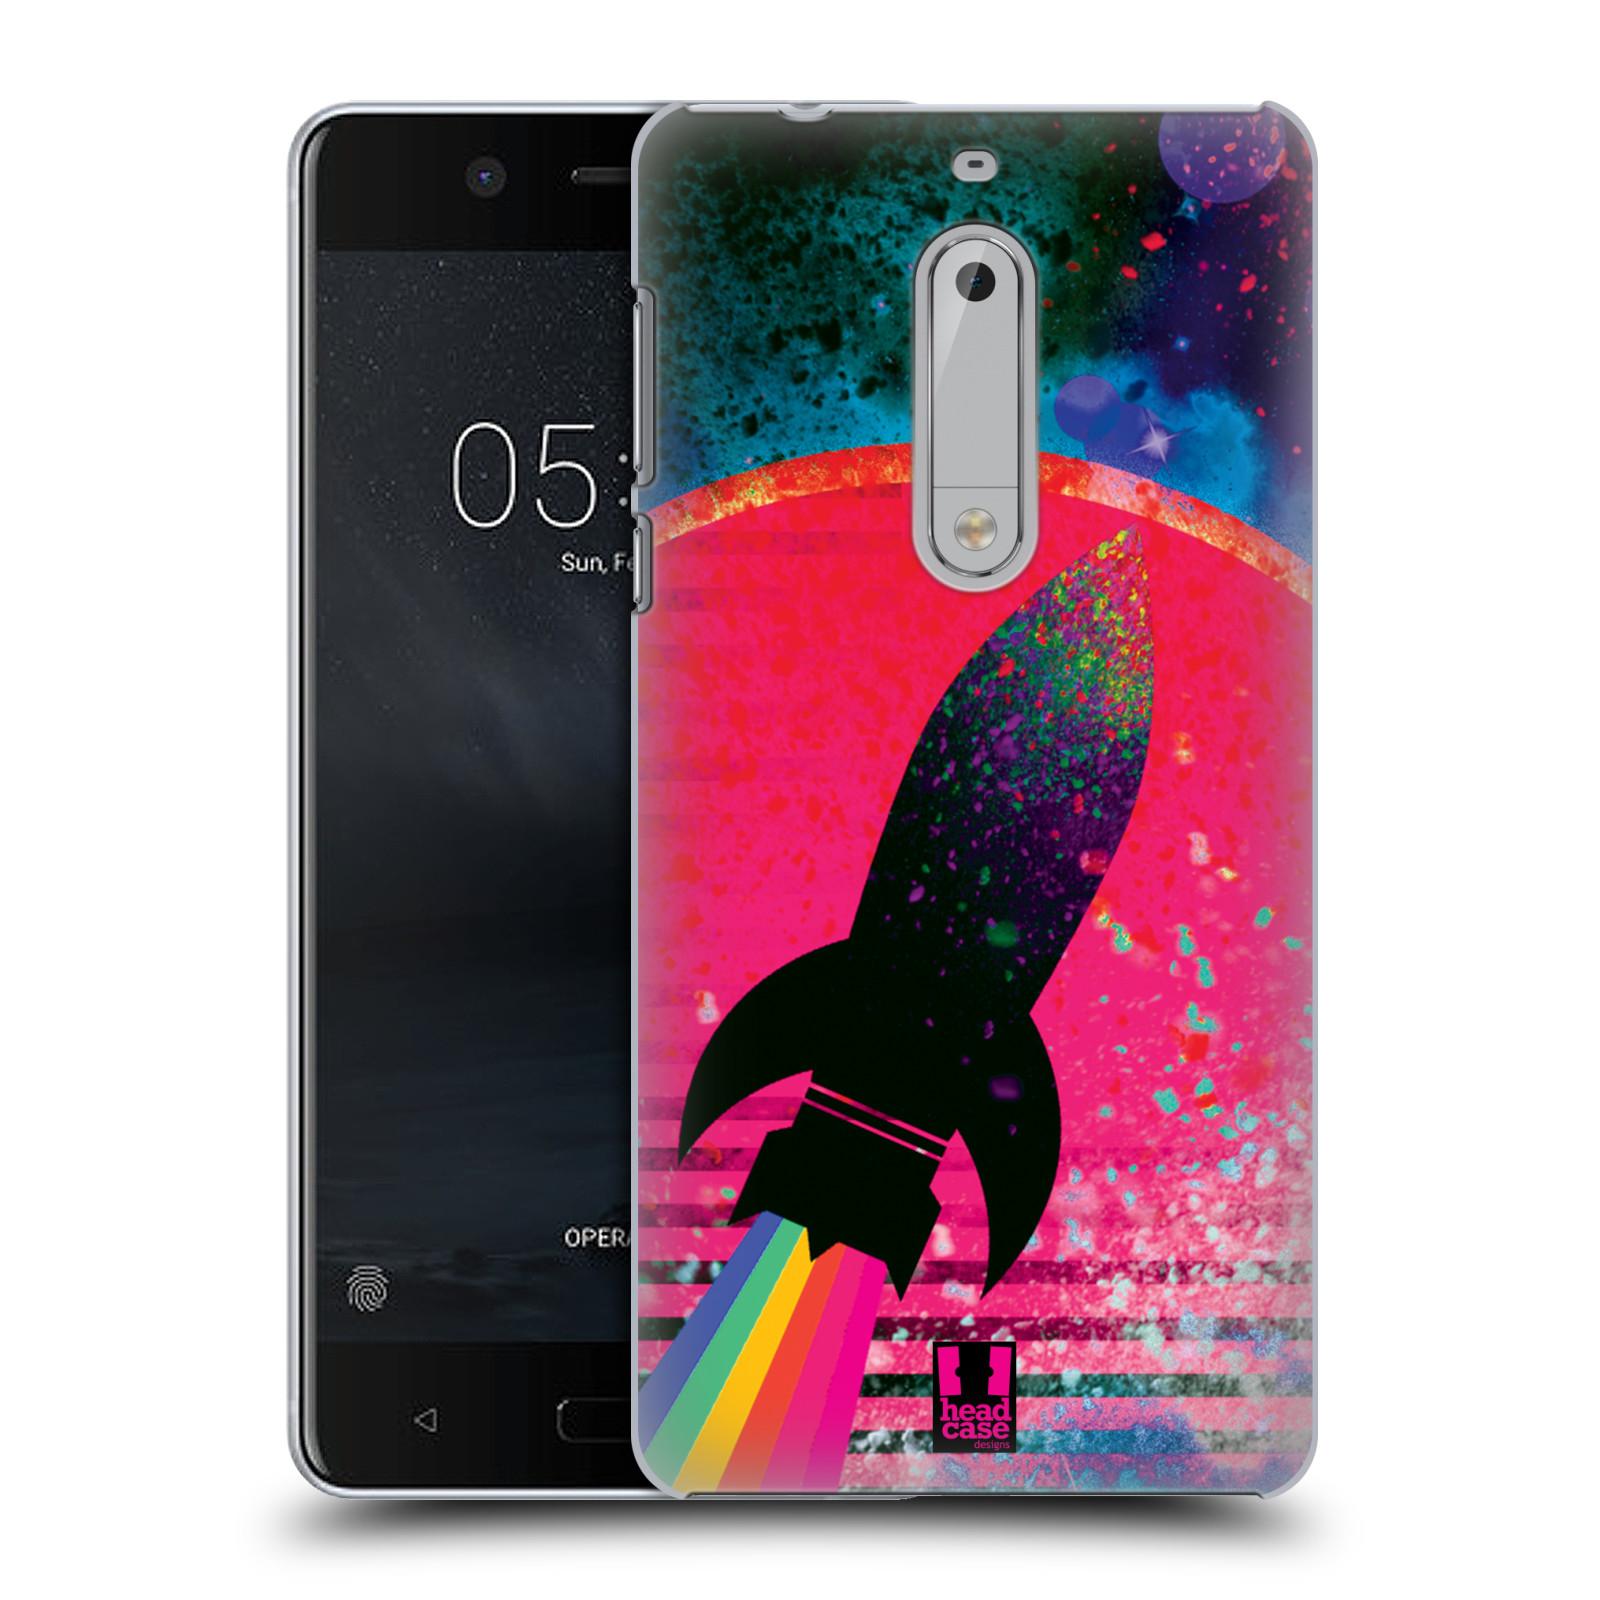 Plastové pouzdro na mobil Nokia 5 Head Case - Raketka (Plastový kryt či obal na mobilní telefon s motivem z osmdesátek pro Nokia 5 (2017))